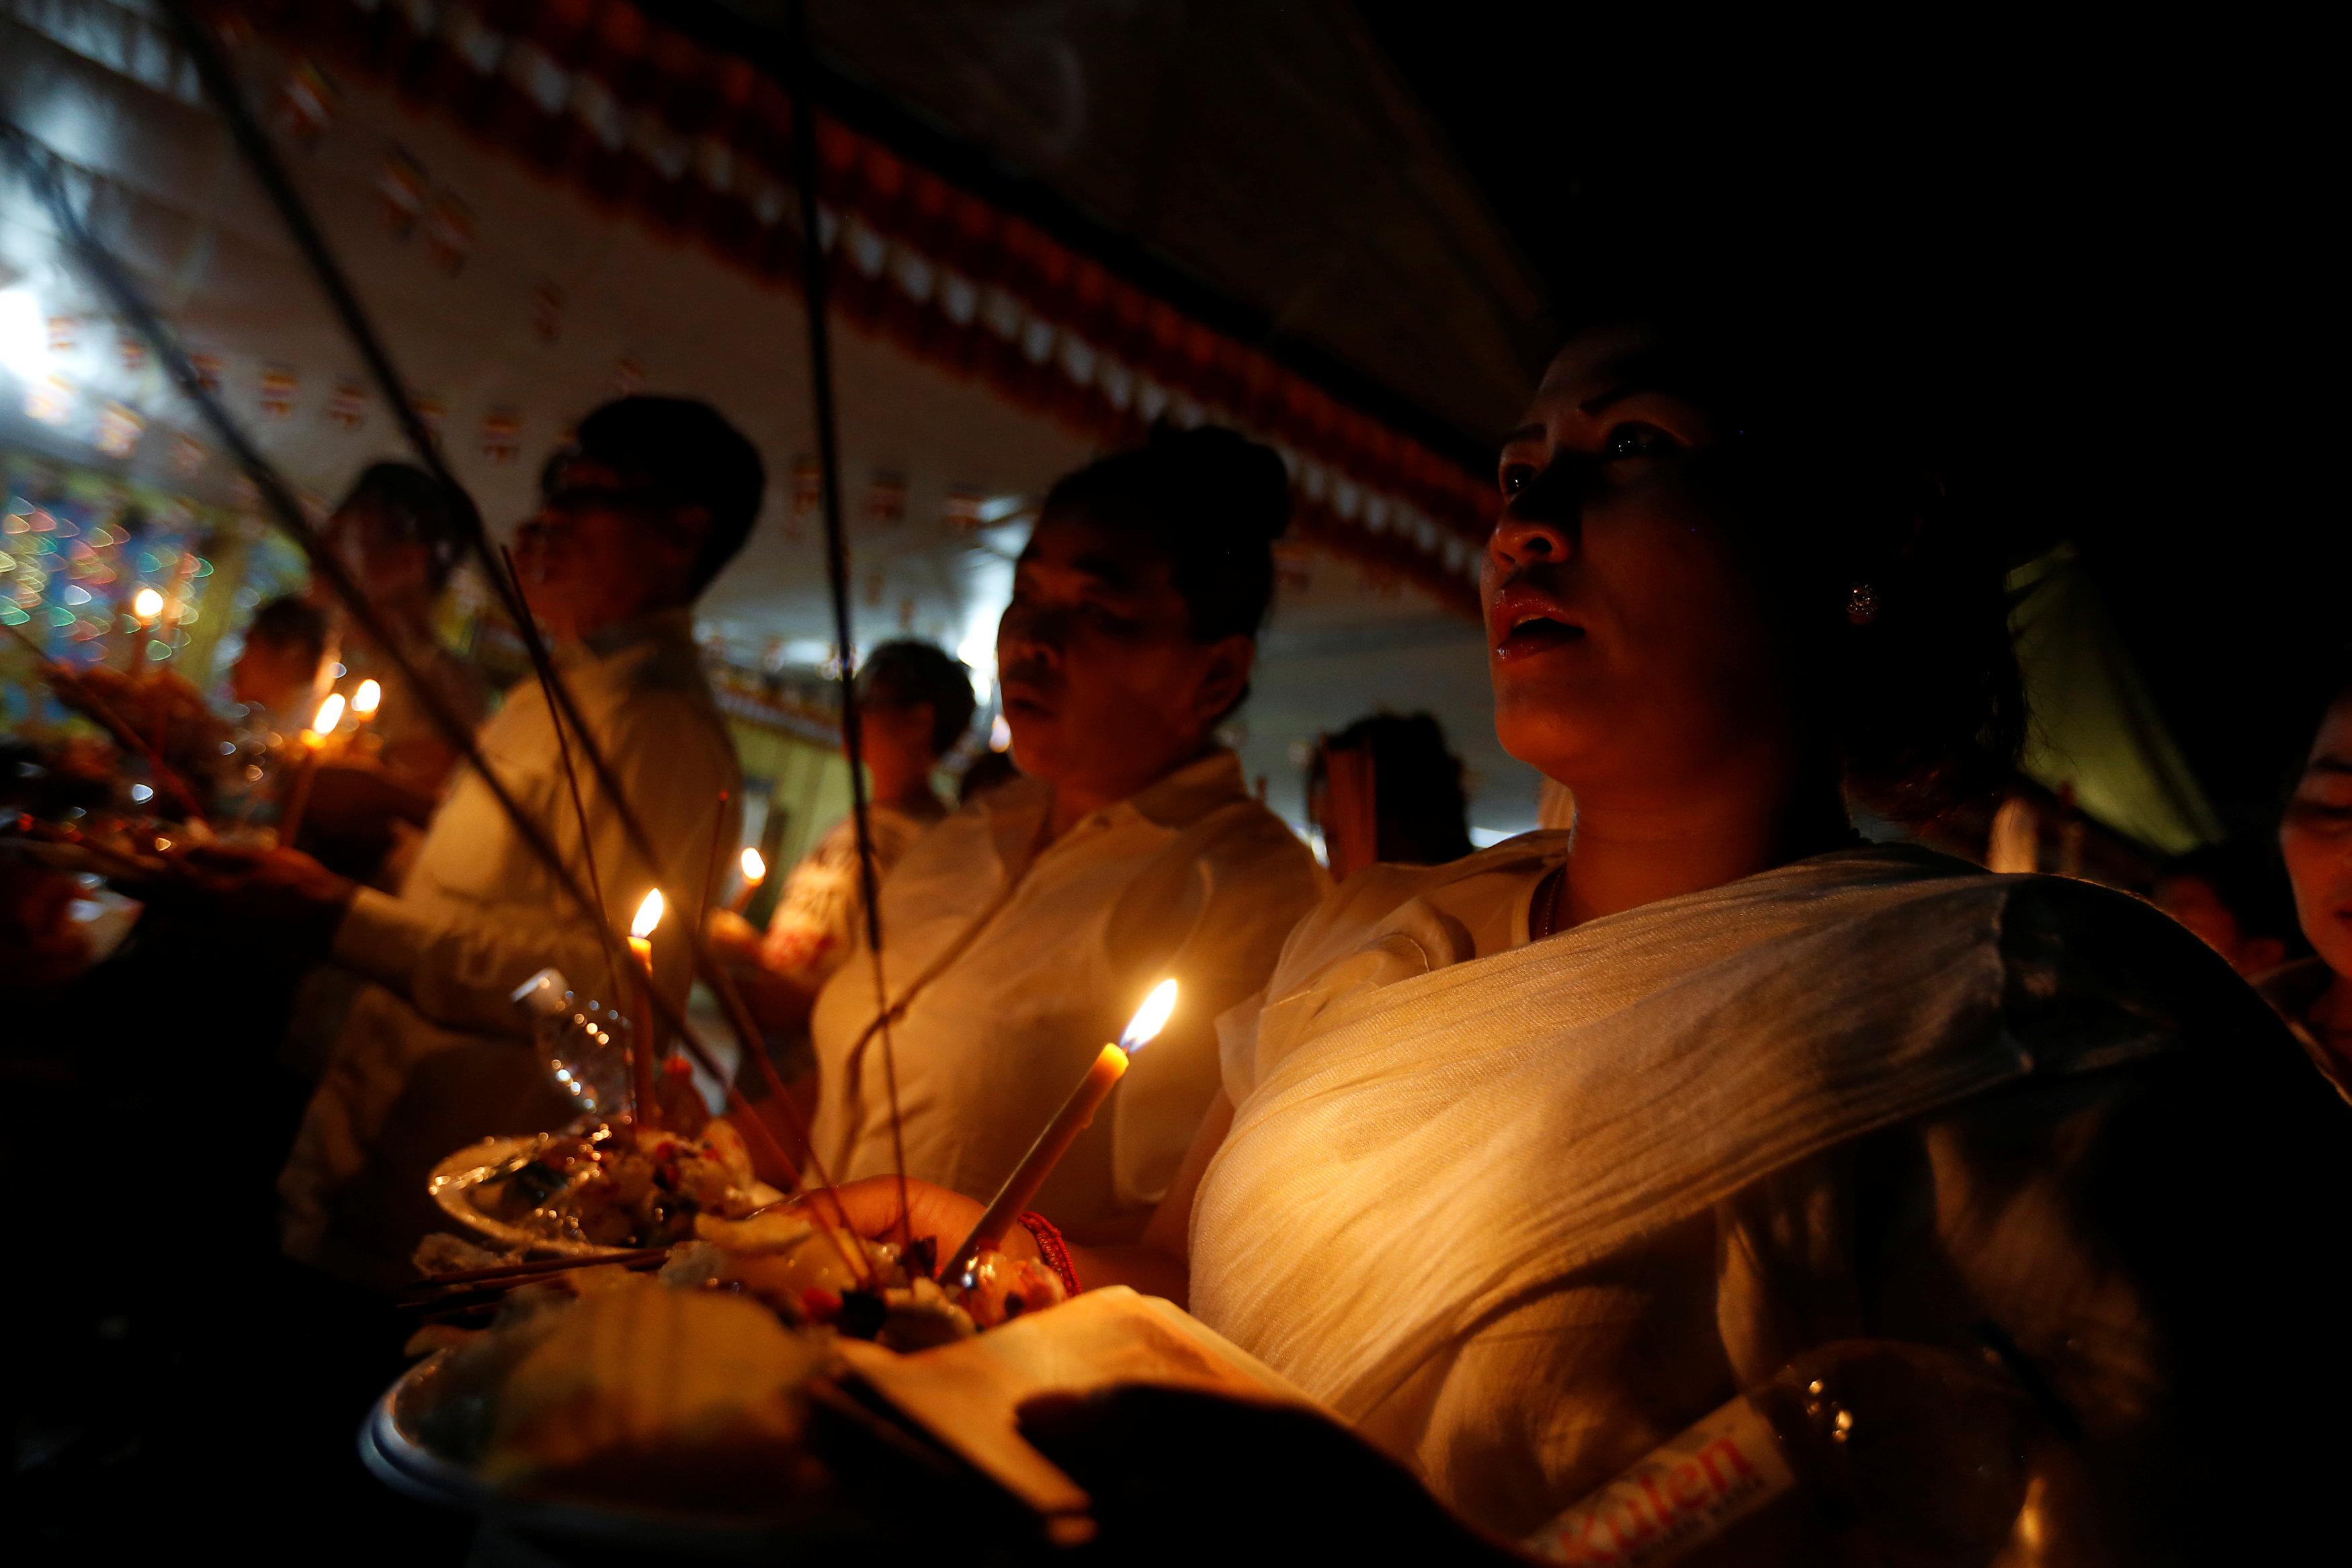 مواطنون يحملون الشموع لتأبين أرواح موتاهم